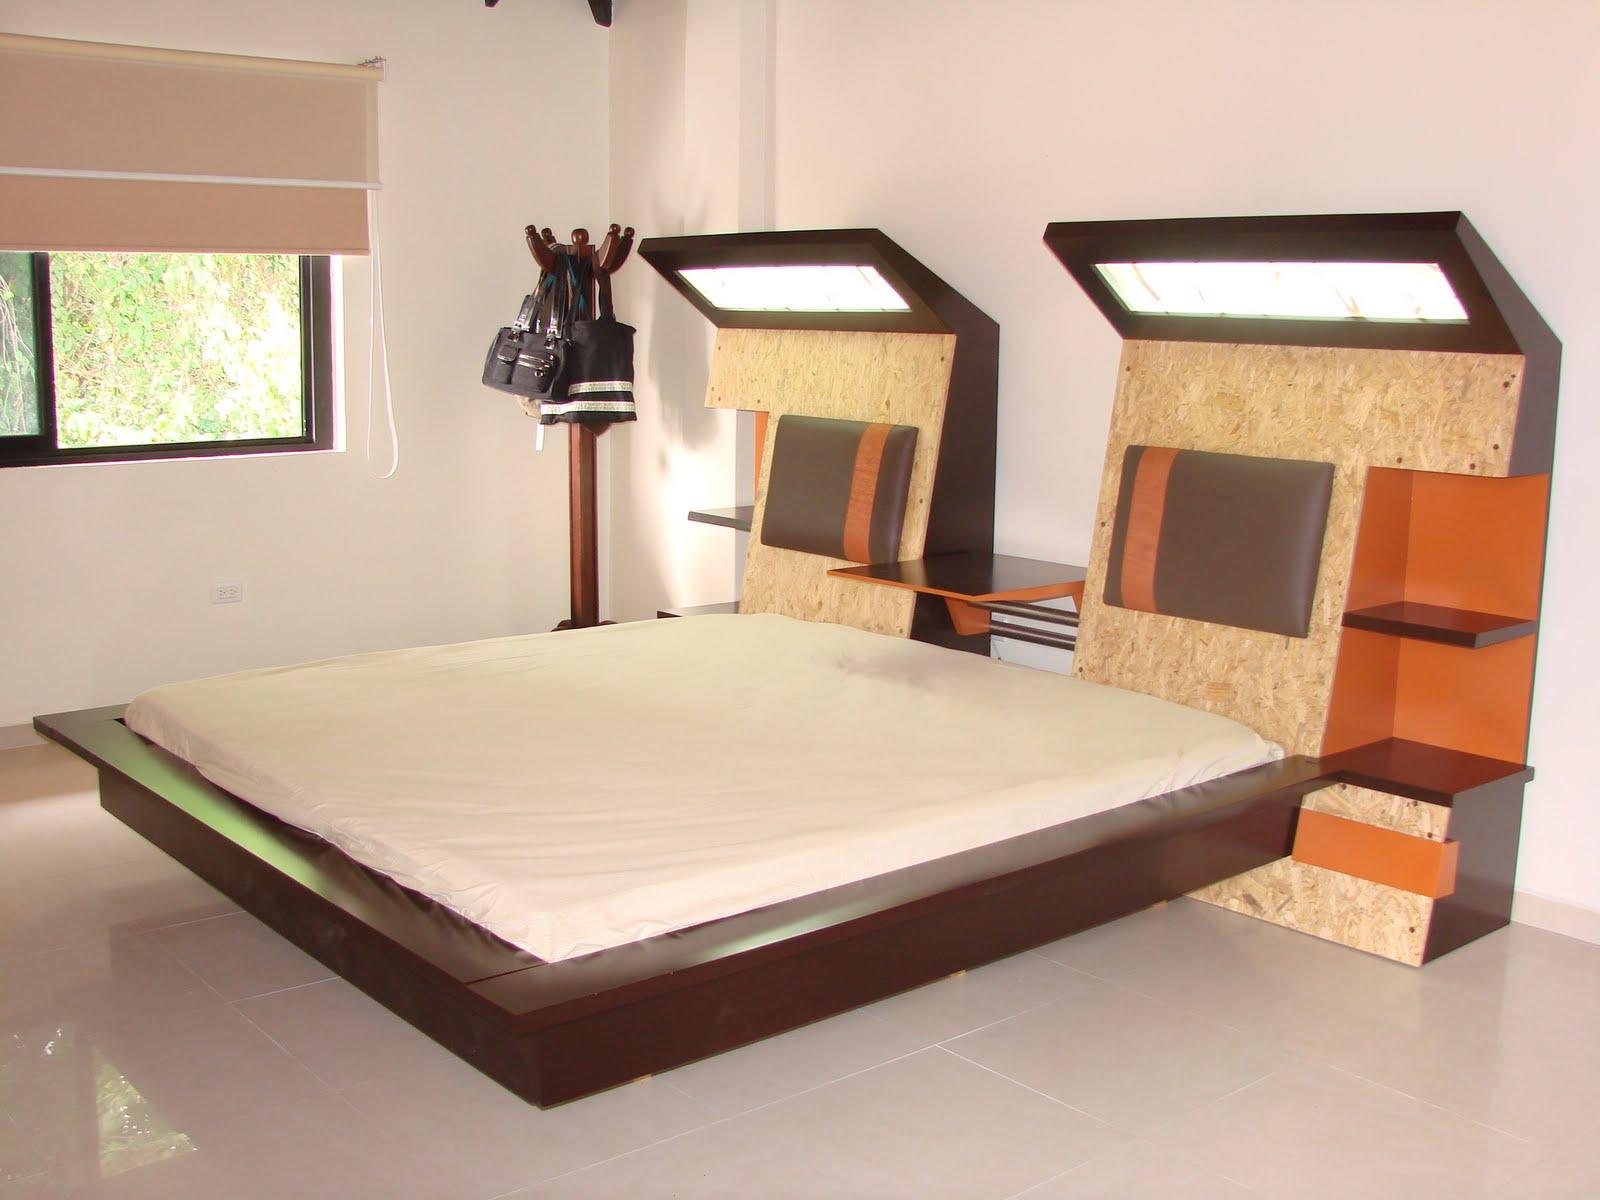 Mobiliario para el hogar katara dise o y ambientaci n for Mobiliario de diseno